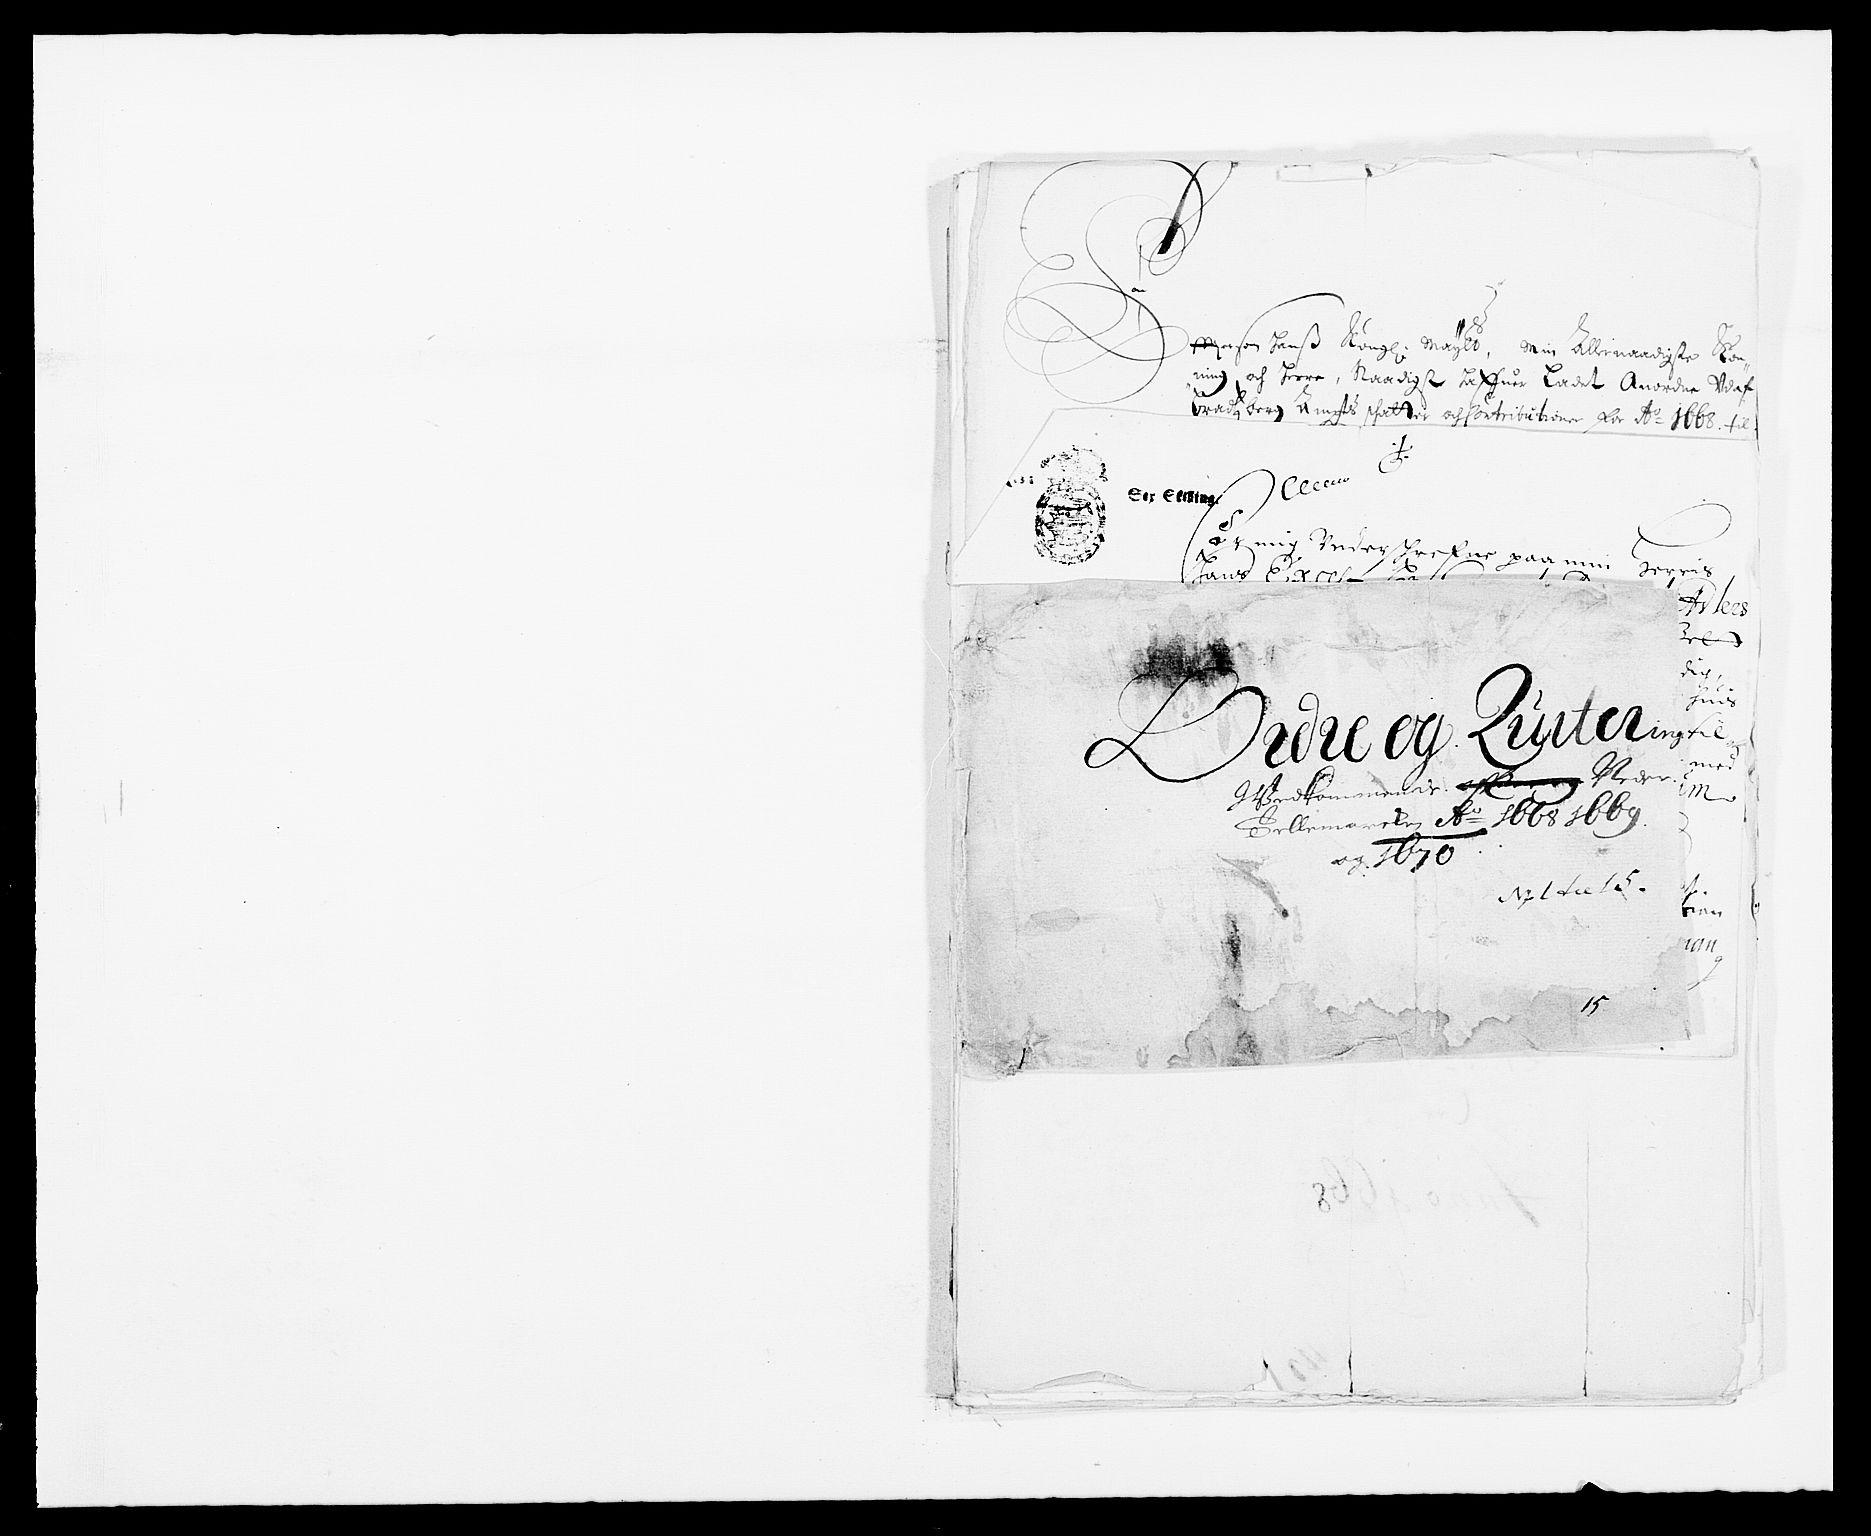 RA, Rentekammeret inntil 1814, Reviderte regnskaper, Fogderegnskap, R35/L2058: Fogderegnskap Øvre og Nedre Telemark, 1668-1670, s. 397